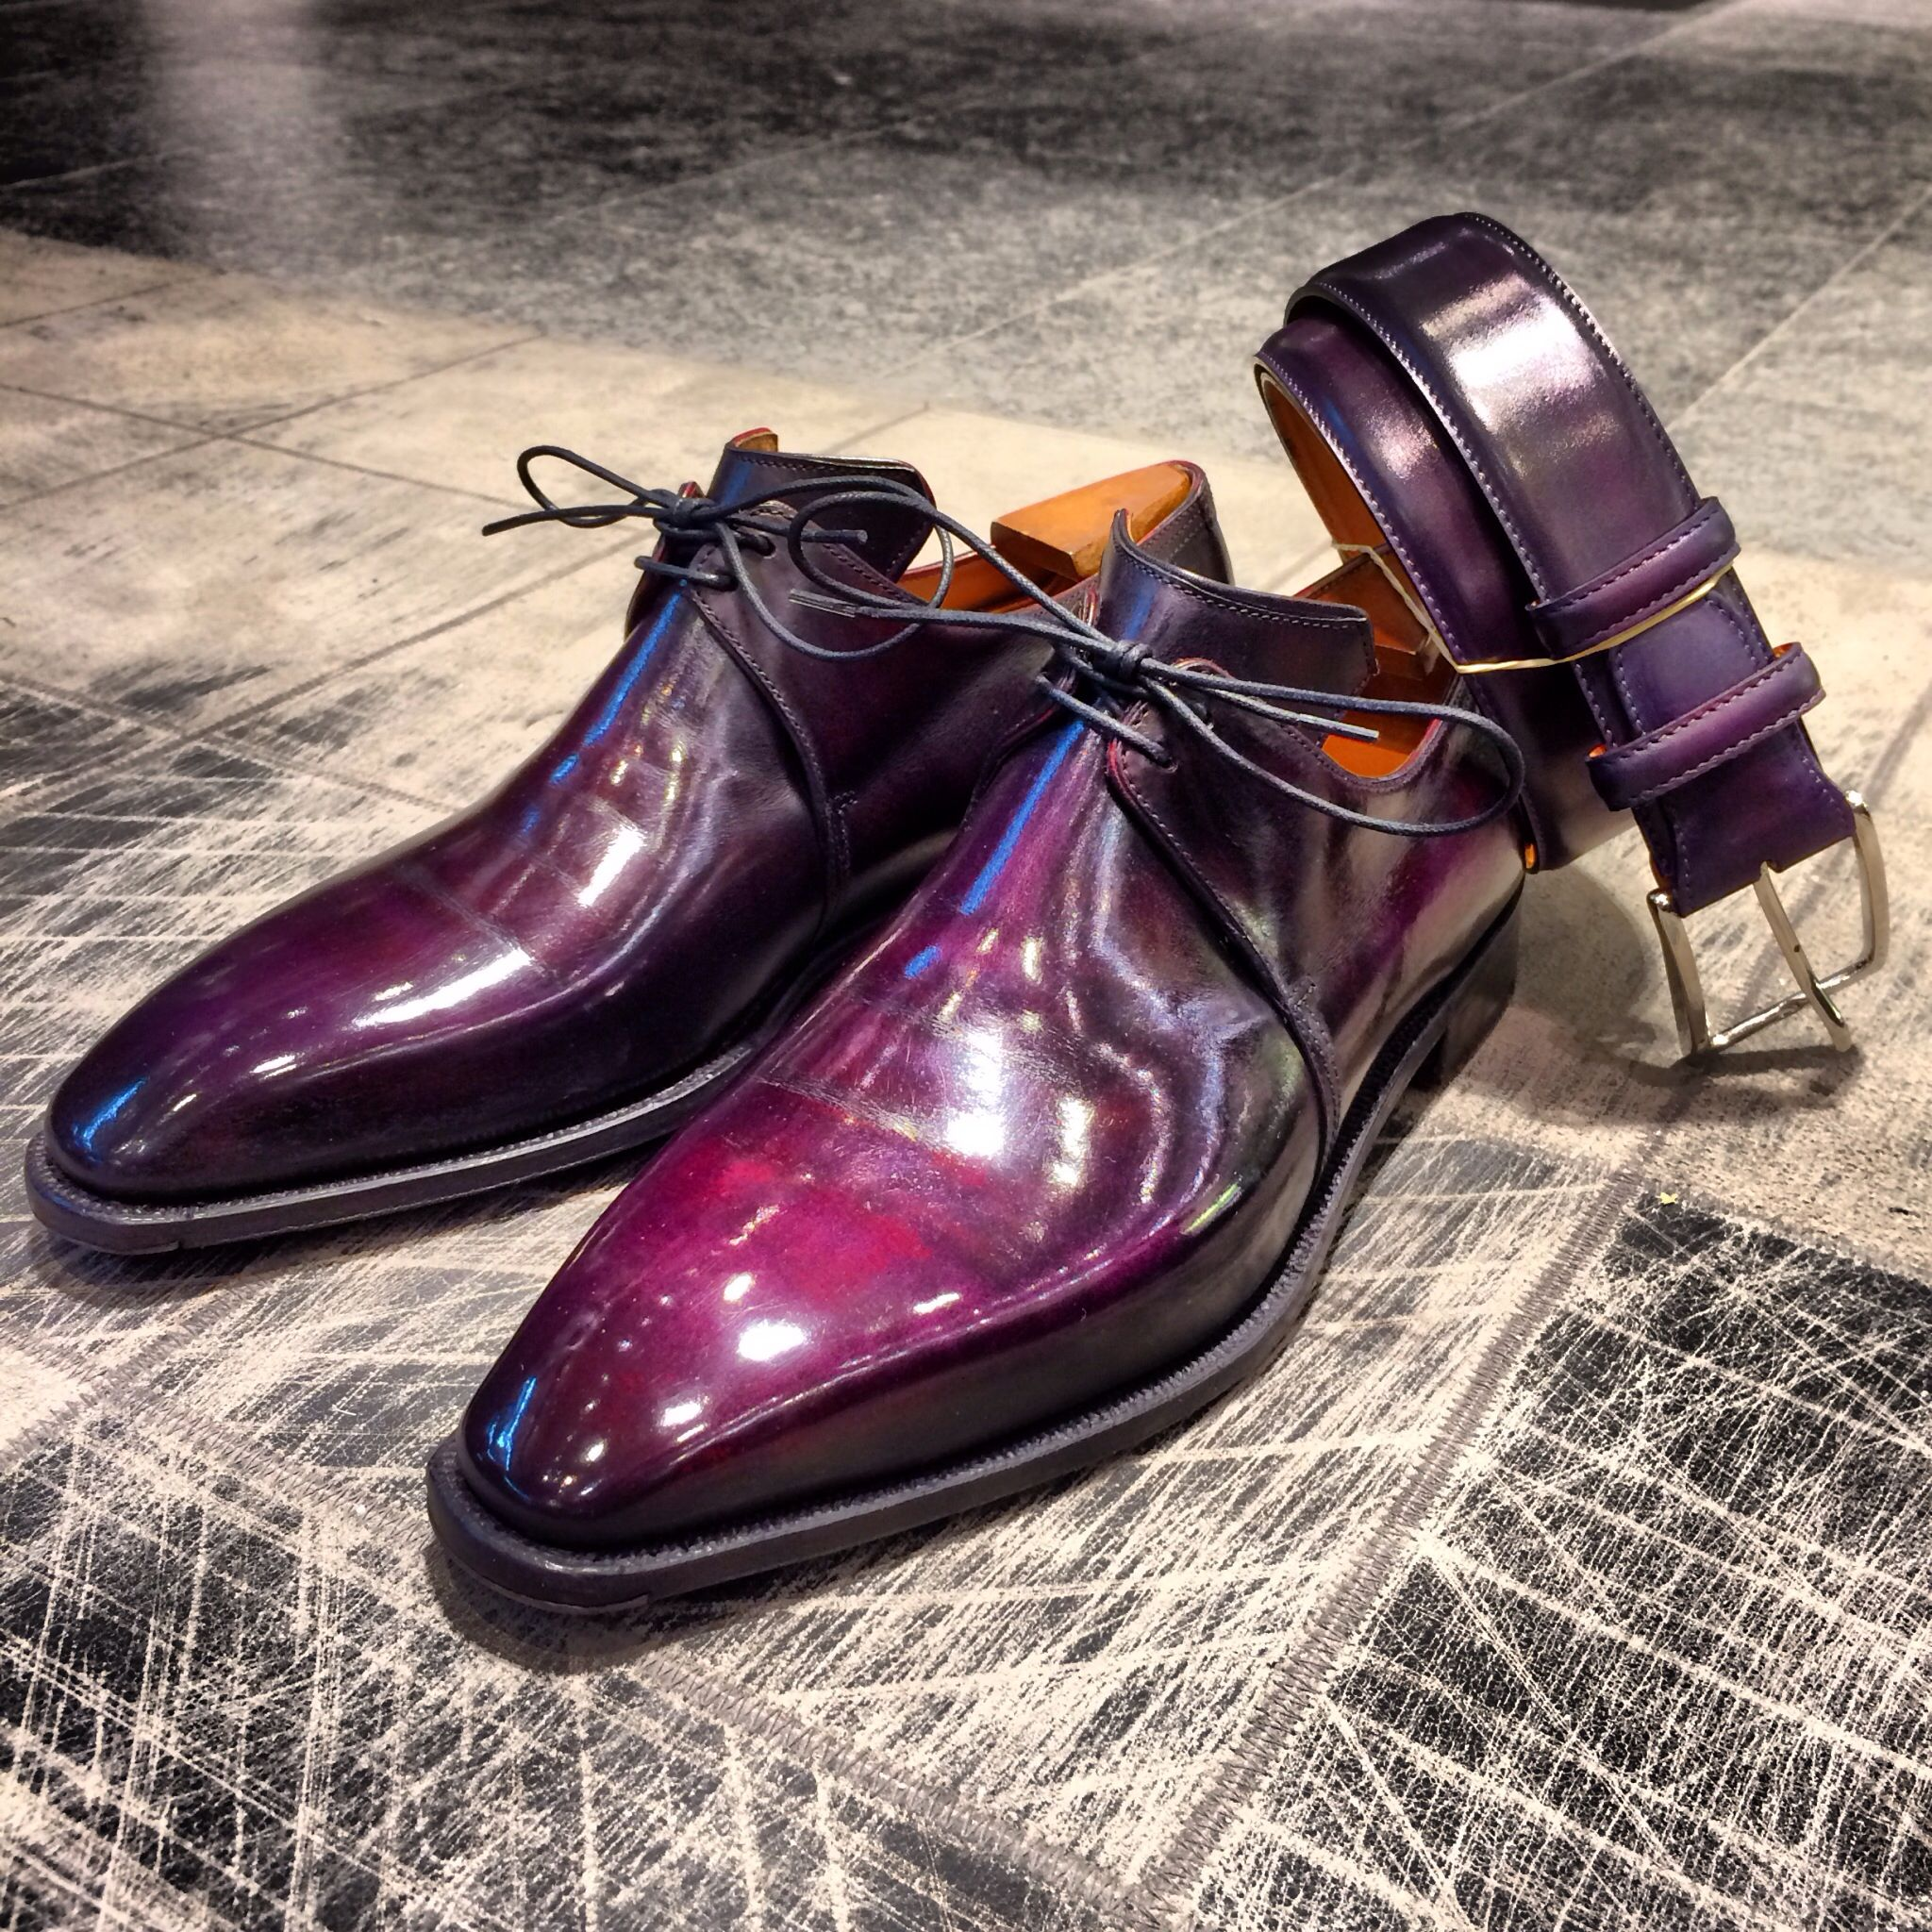 Purple dress with shoes  Black orchidée  Cool Stuff  Pinterest  Dandy Dress shoes and Black